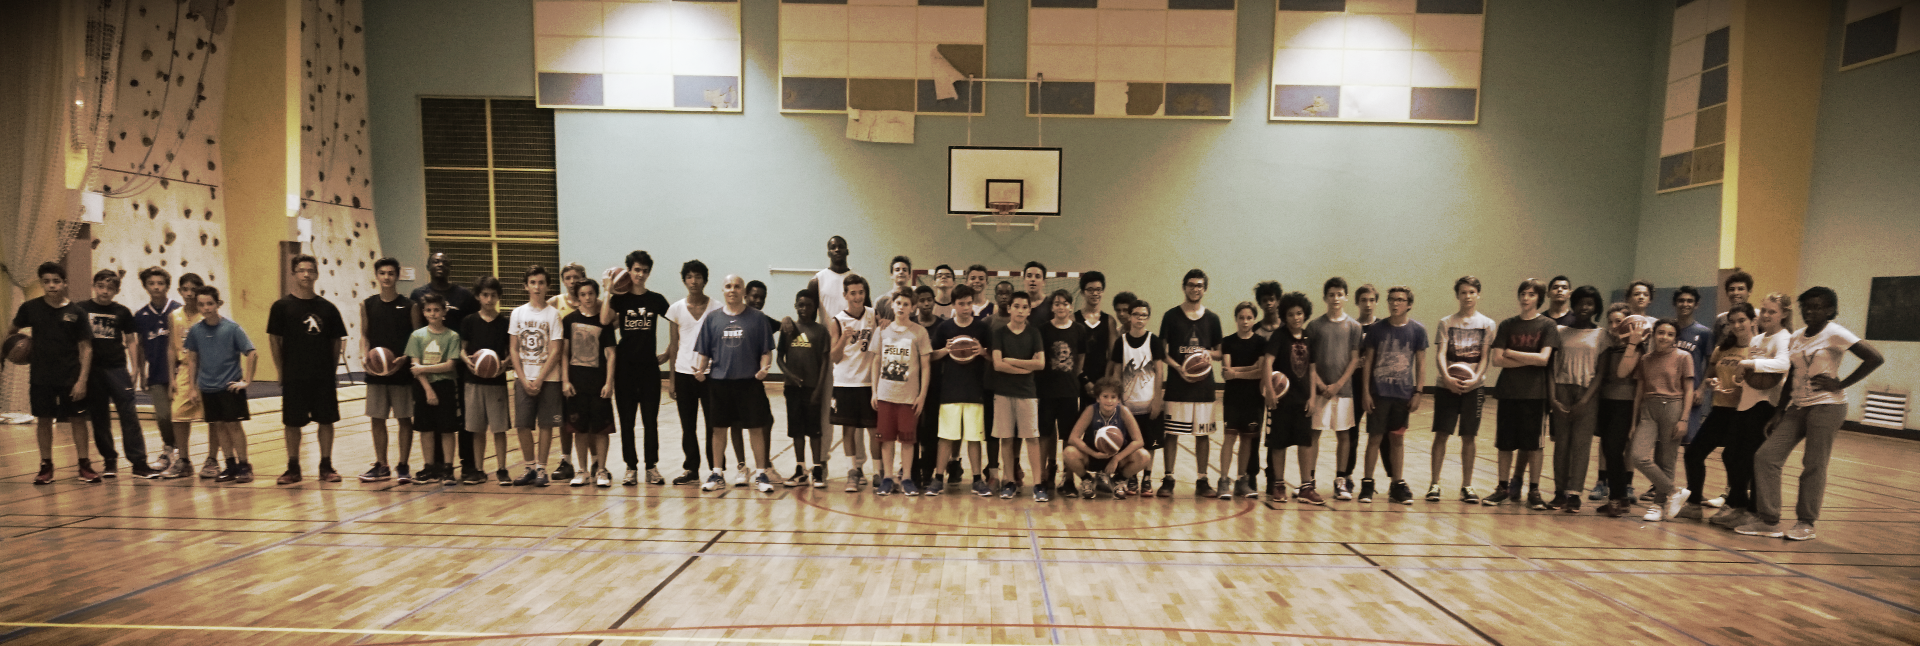 Groupe des 13-15 ans